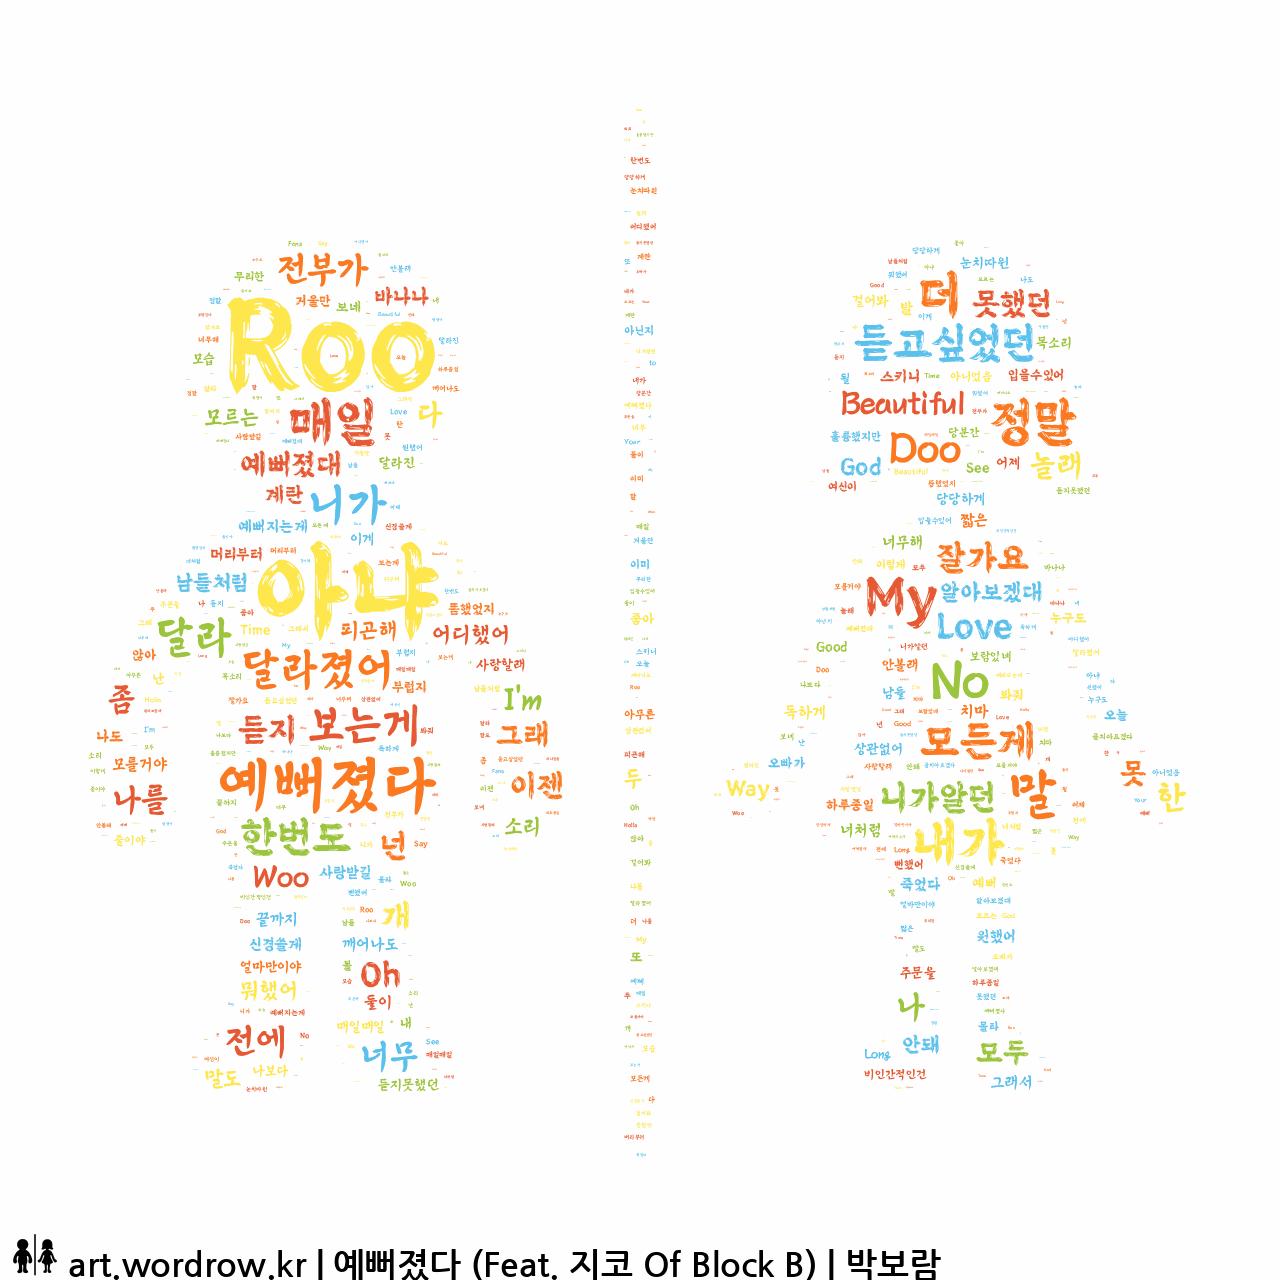 워드 아트: 예뻐졌다 (Feat. 지코 Of Block B) [박보람]-6